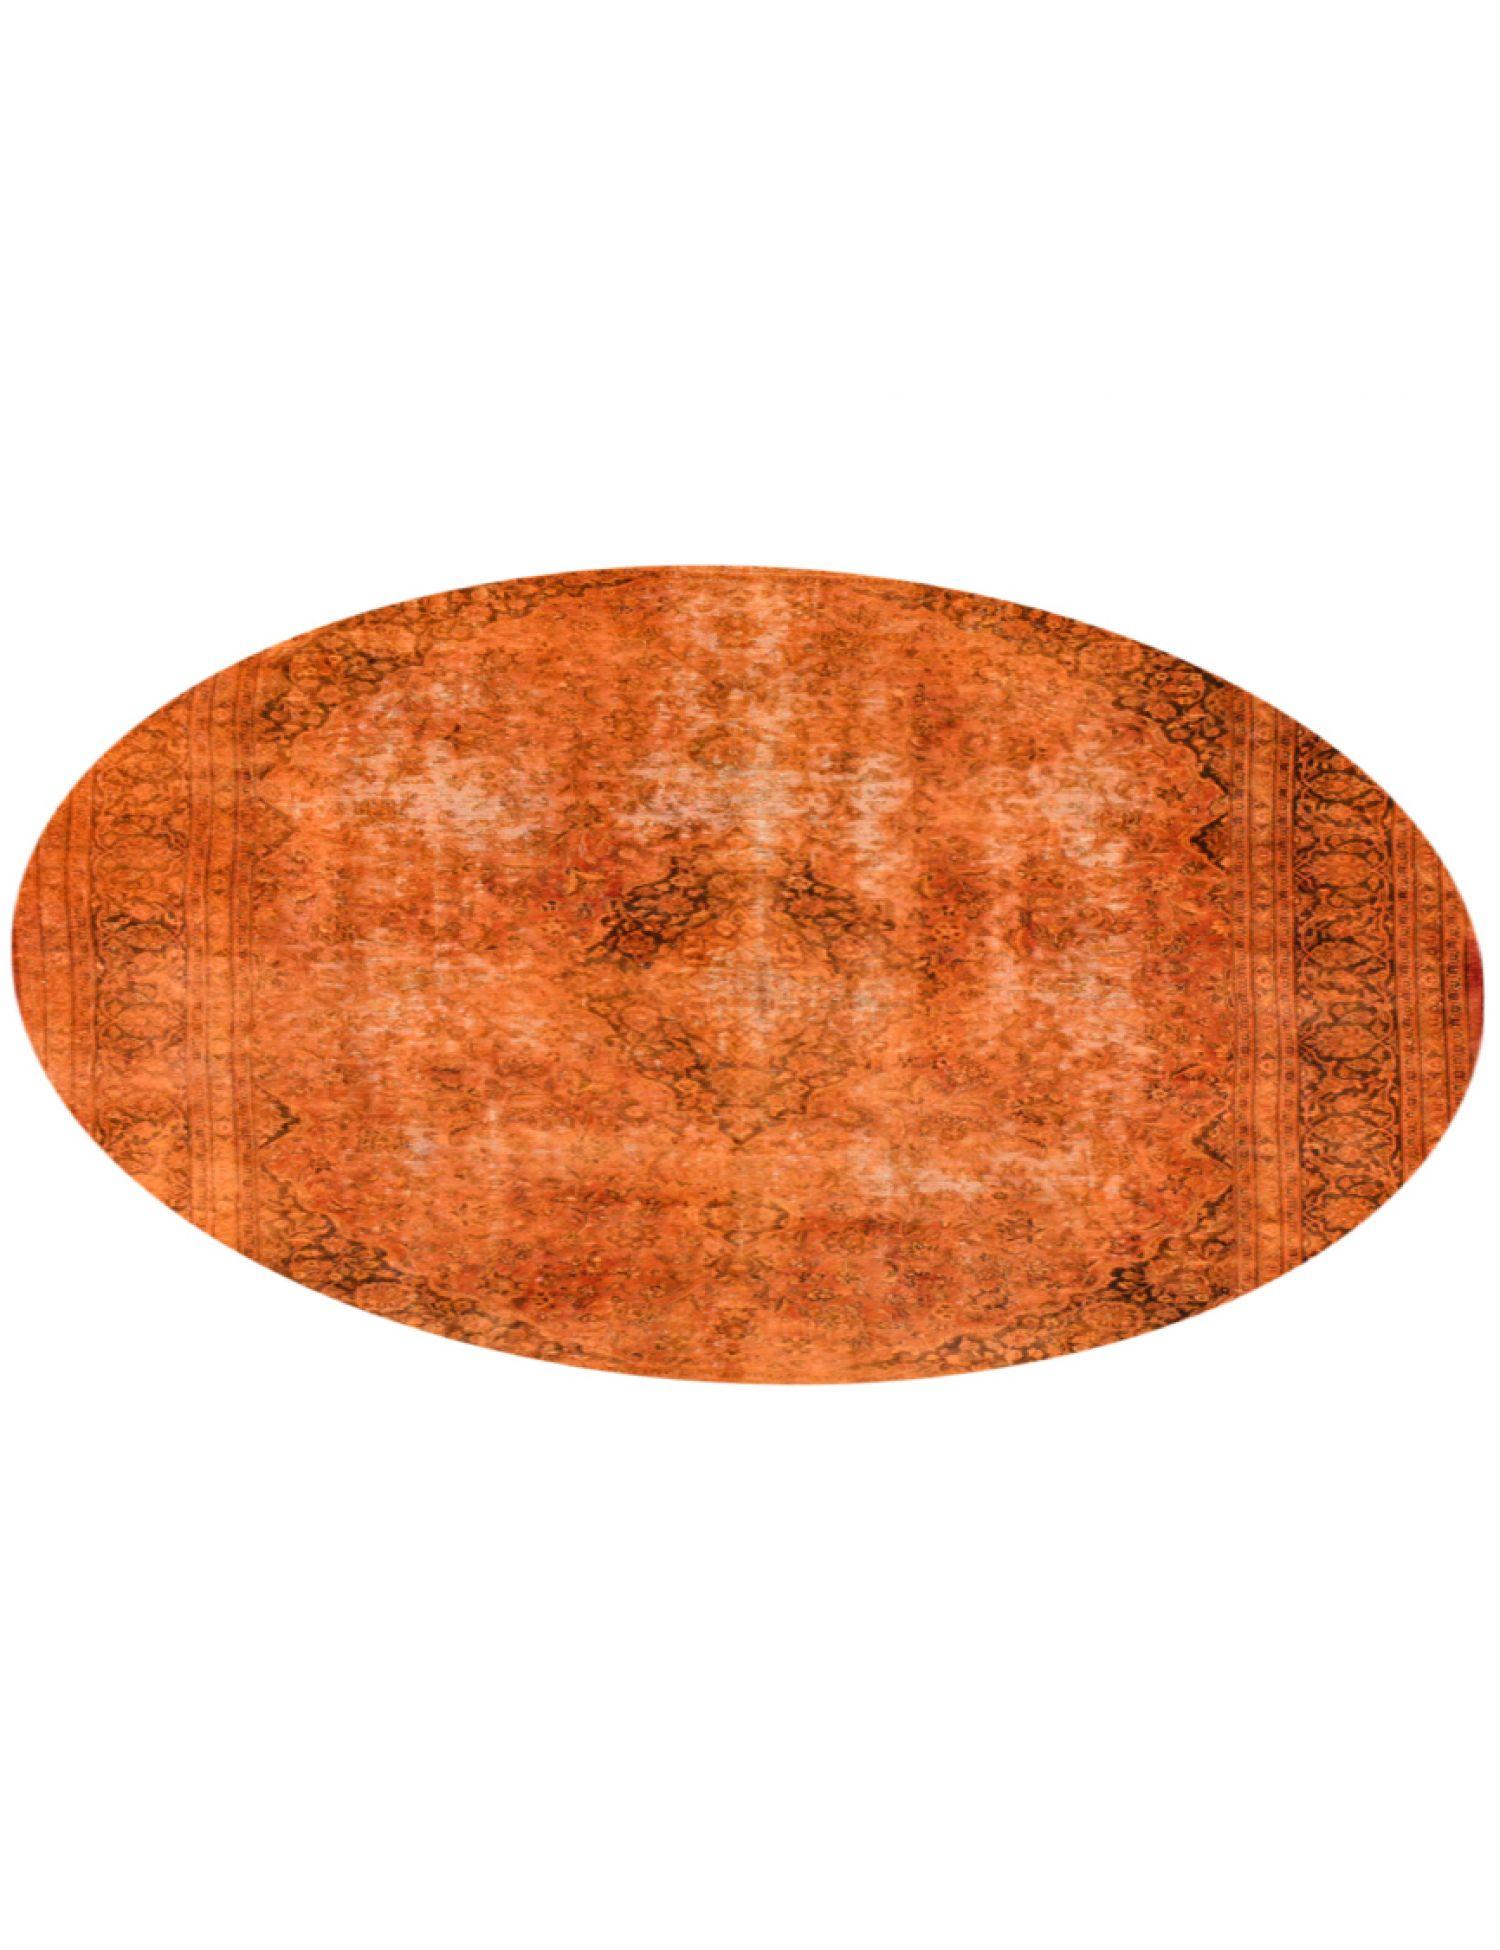 Vintage Teppich rund  orange <br/>290 x 290 cm